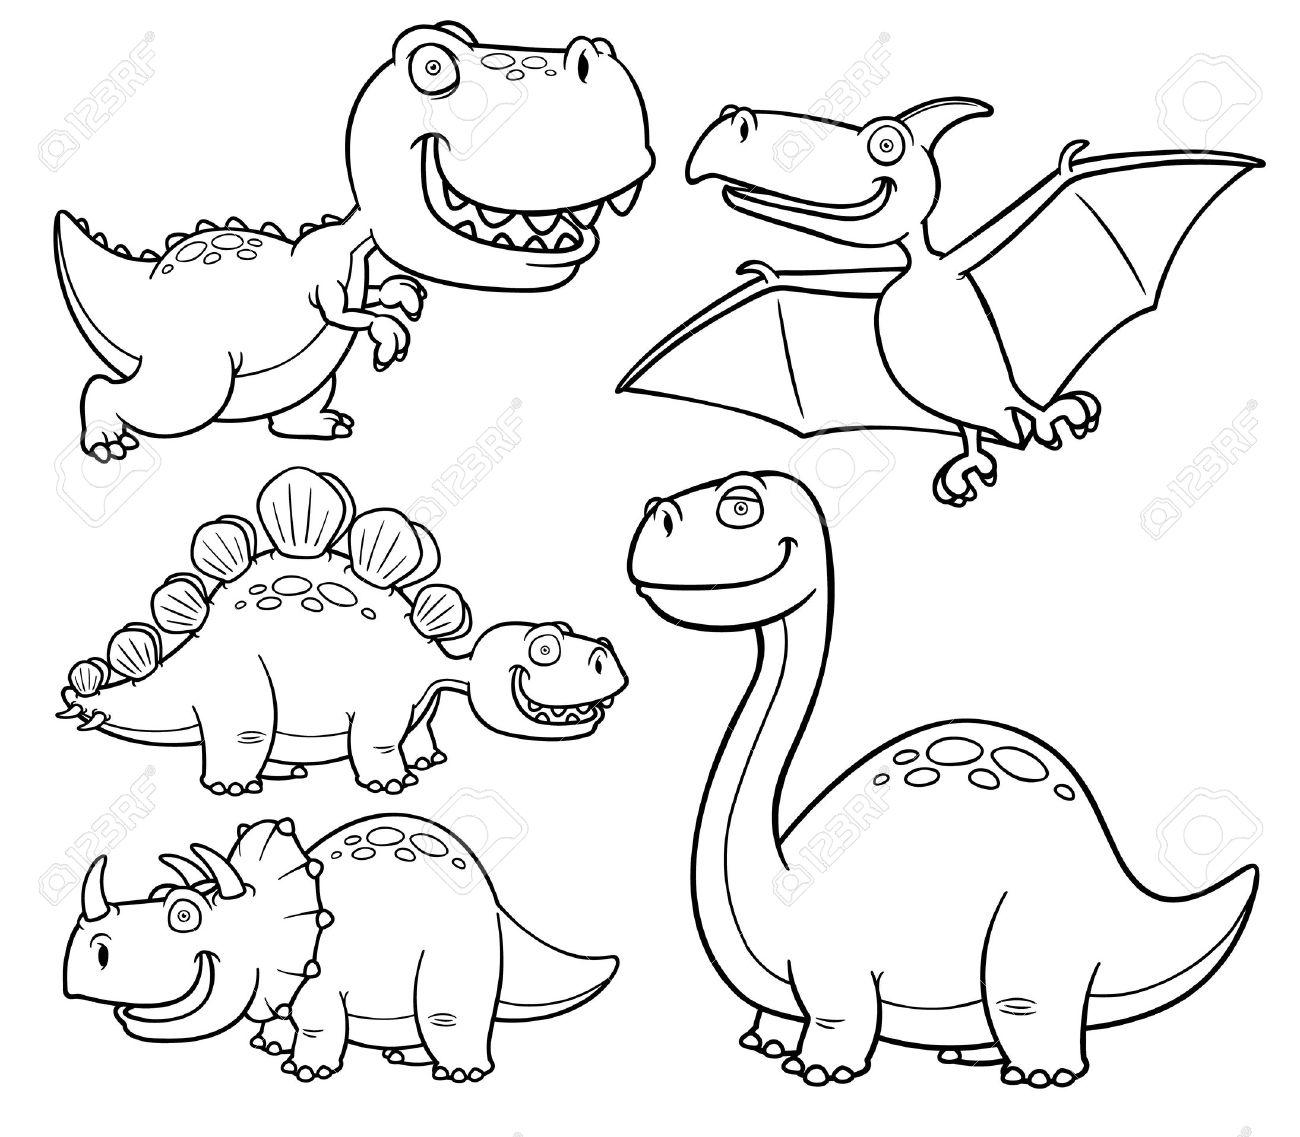 Ilustración Vectorial De Dinosaurios Personajes De Dibujos Animados Libro Para Colorear